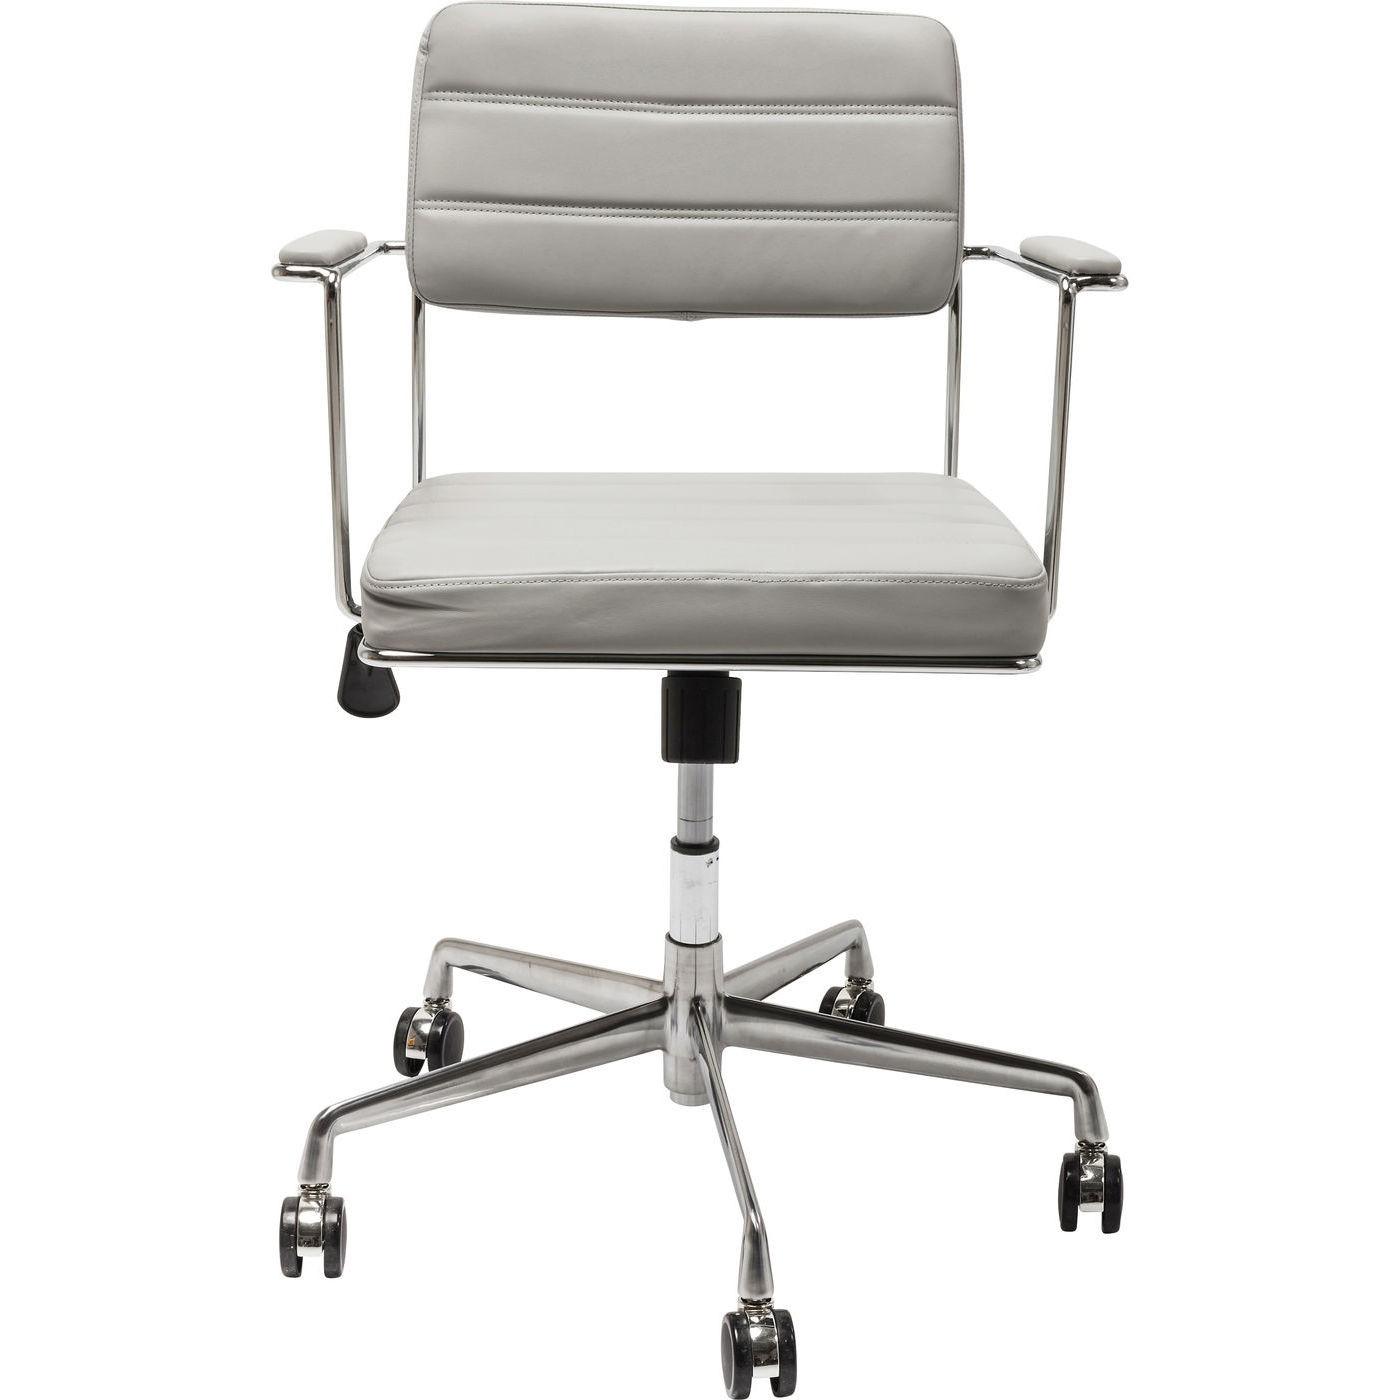 maison du monde Chaise de bureau réglable à roulettes grise et acier chromé